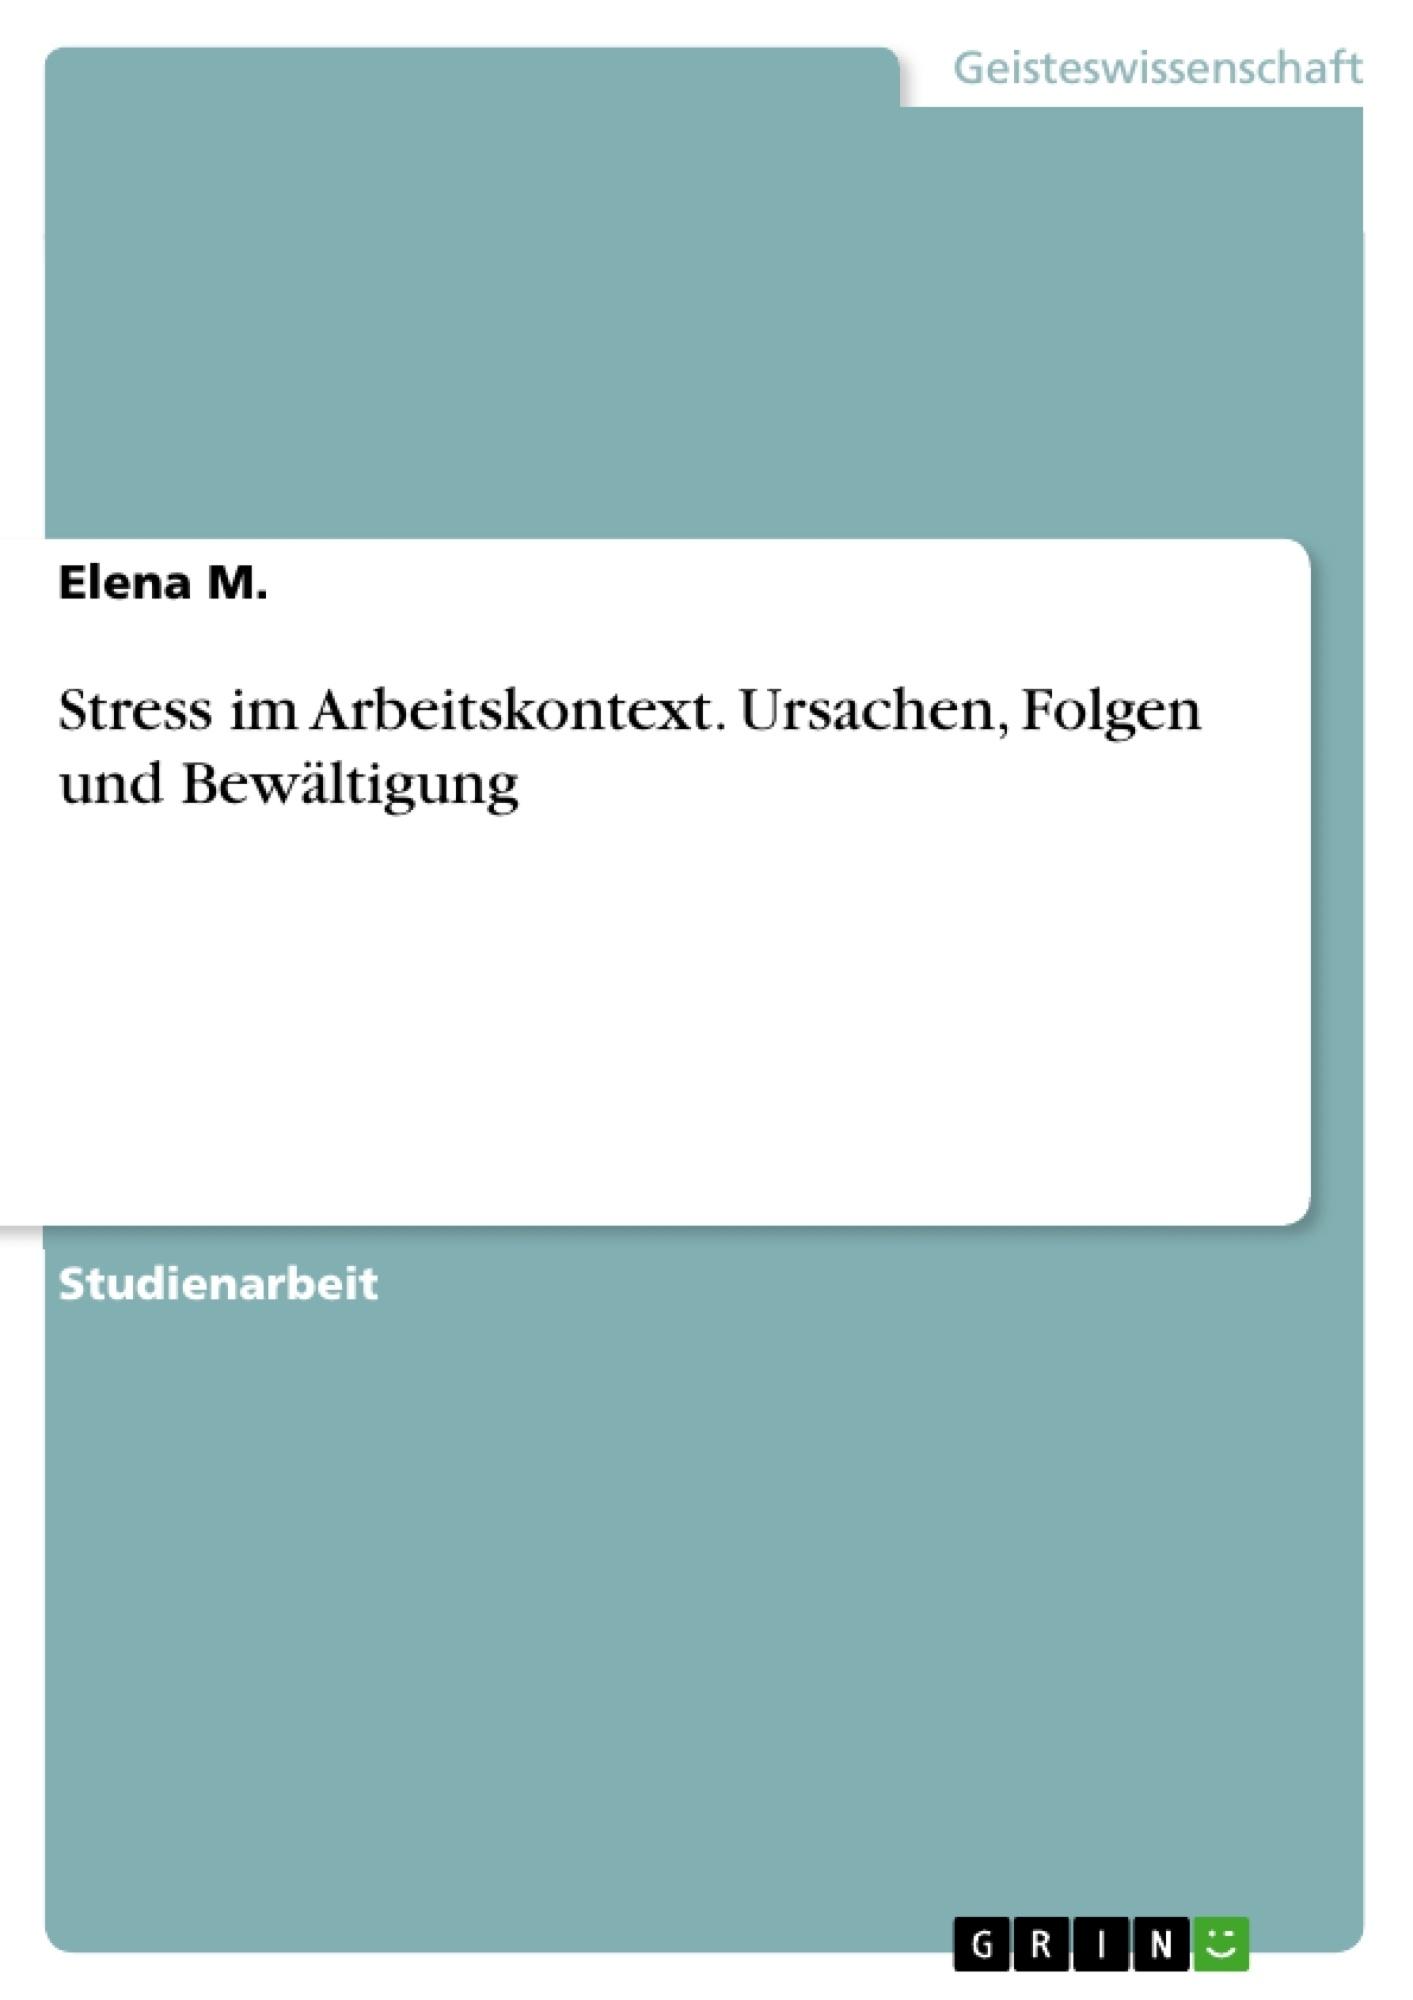 Titel: Stress im Arbeitskontext. Ursachen, Folgen und Bewältigung